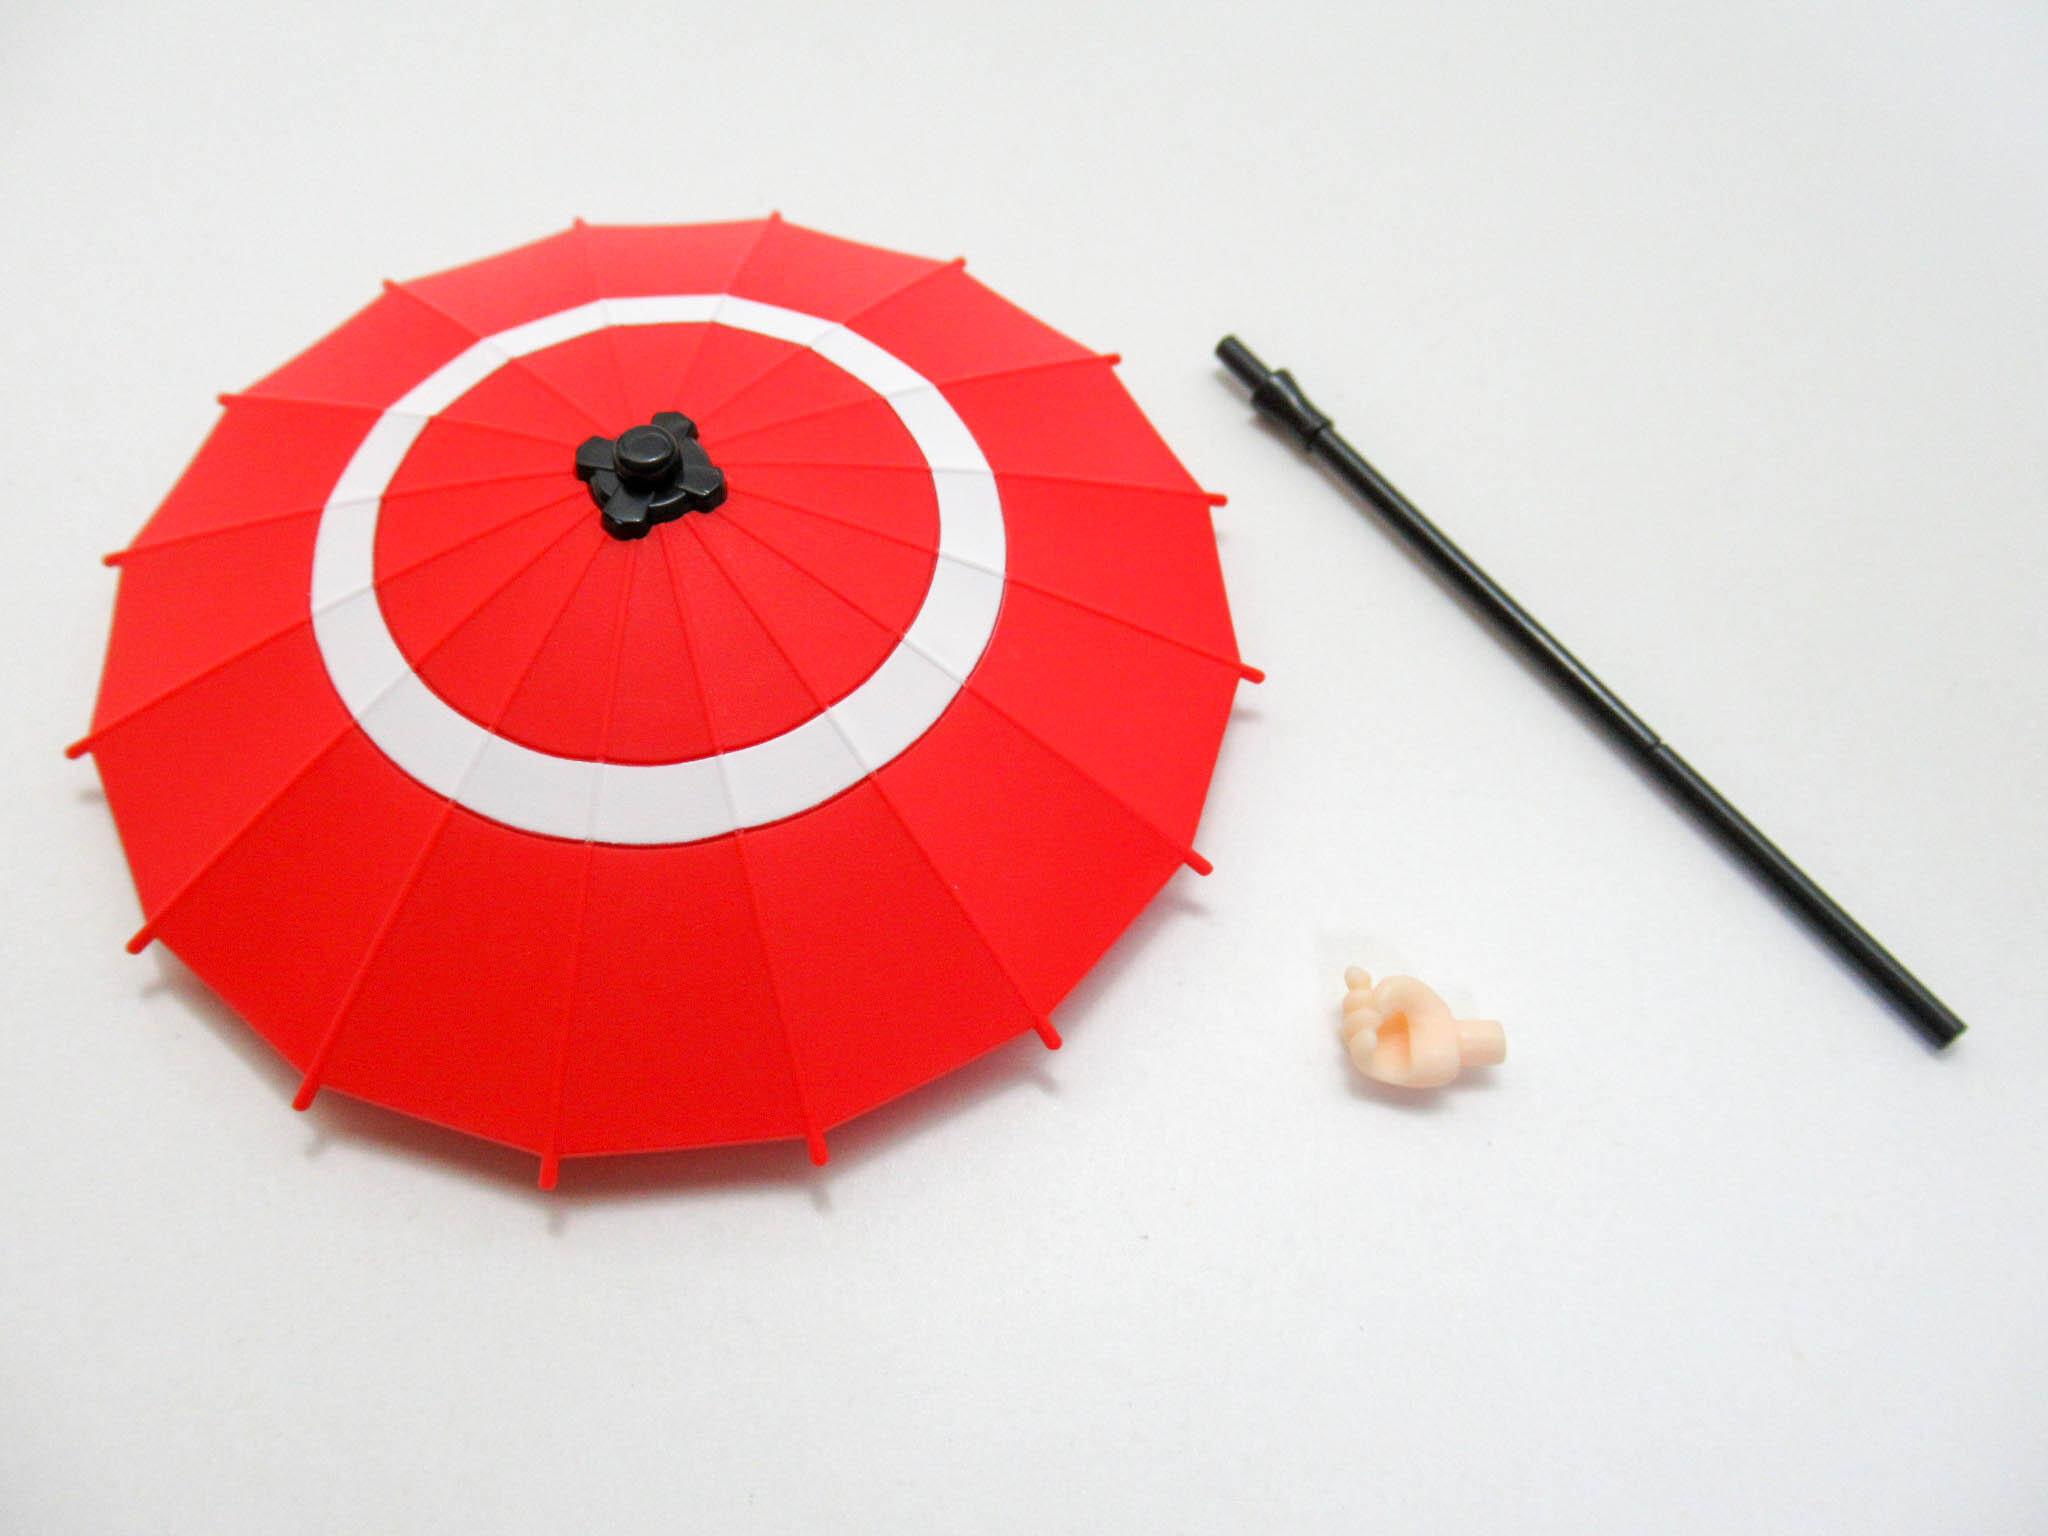 【SALE】【1427】 初音ミク 冬木小袖Ver. 小物パーツ 和傘 ねんどろいど